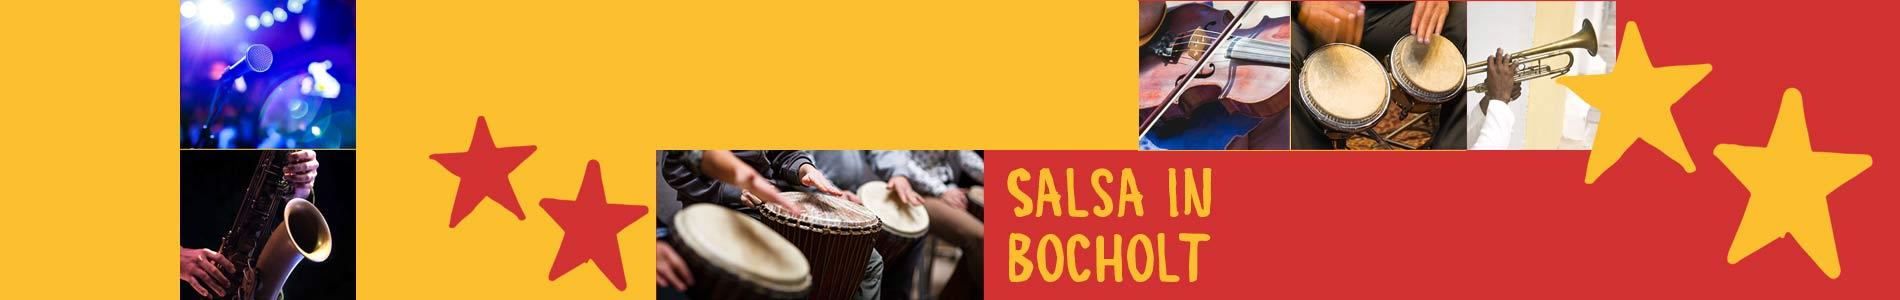 Salsa in Bocholt – Salsa lernen und tanzen, Tanzkurse, Partys, Veranstaltungen